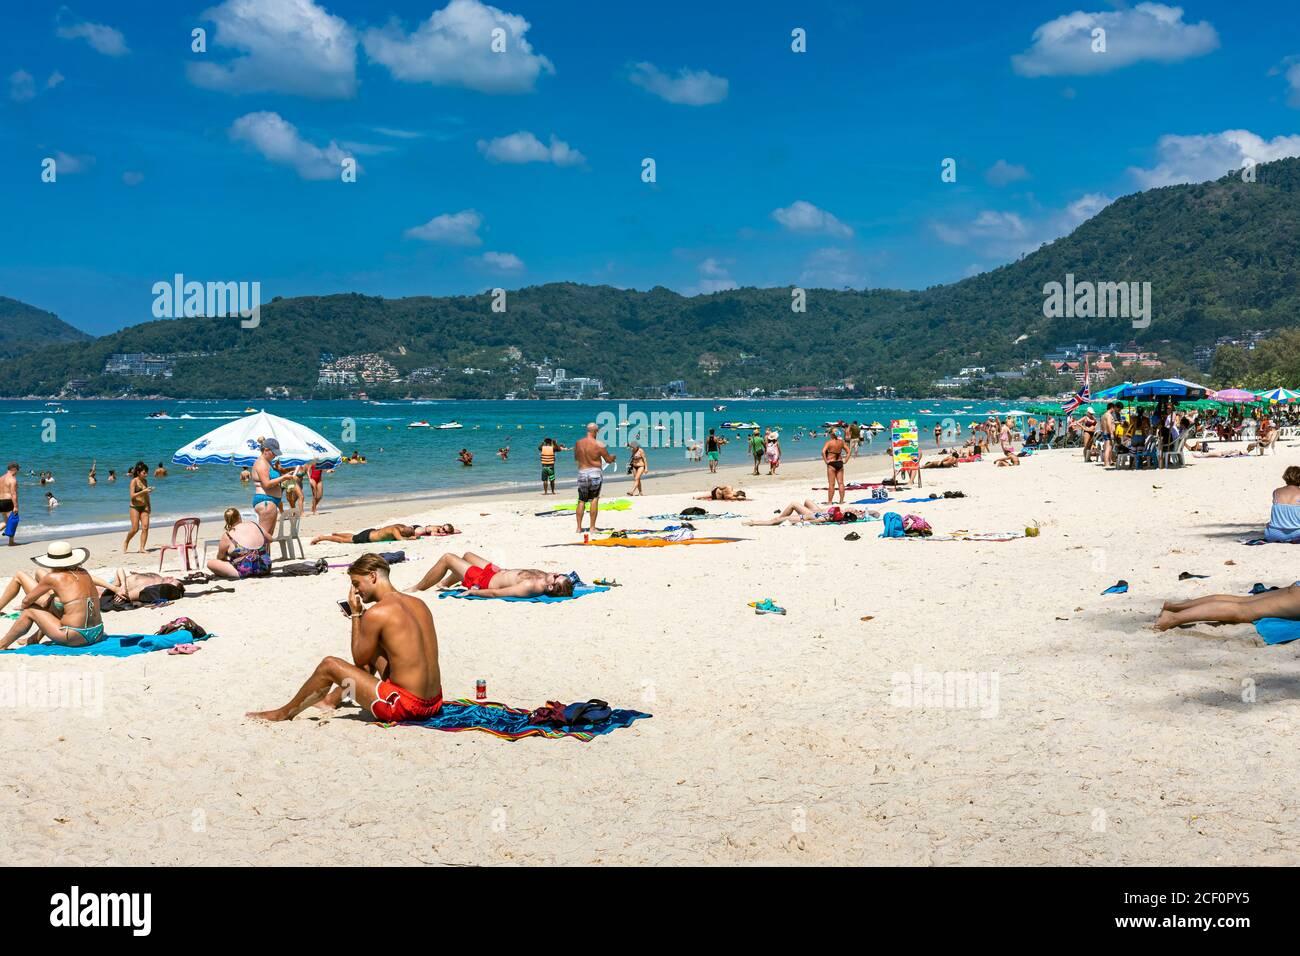 Turistas tomando sol en la playa, Patong, Phuket, Tailandia Foto de stock